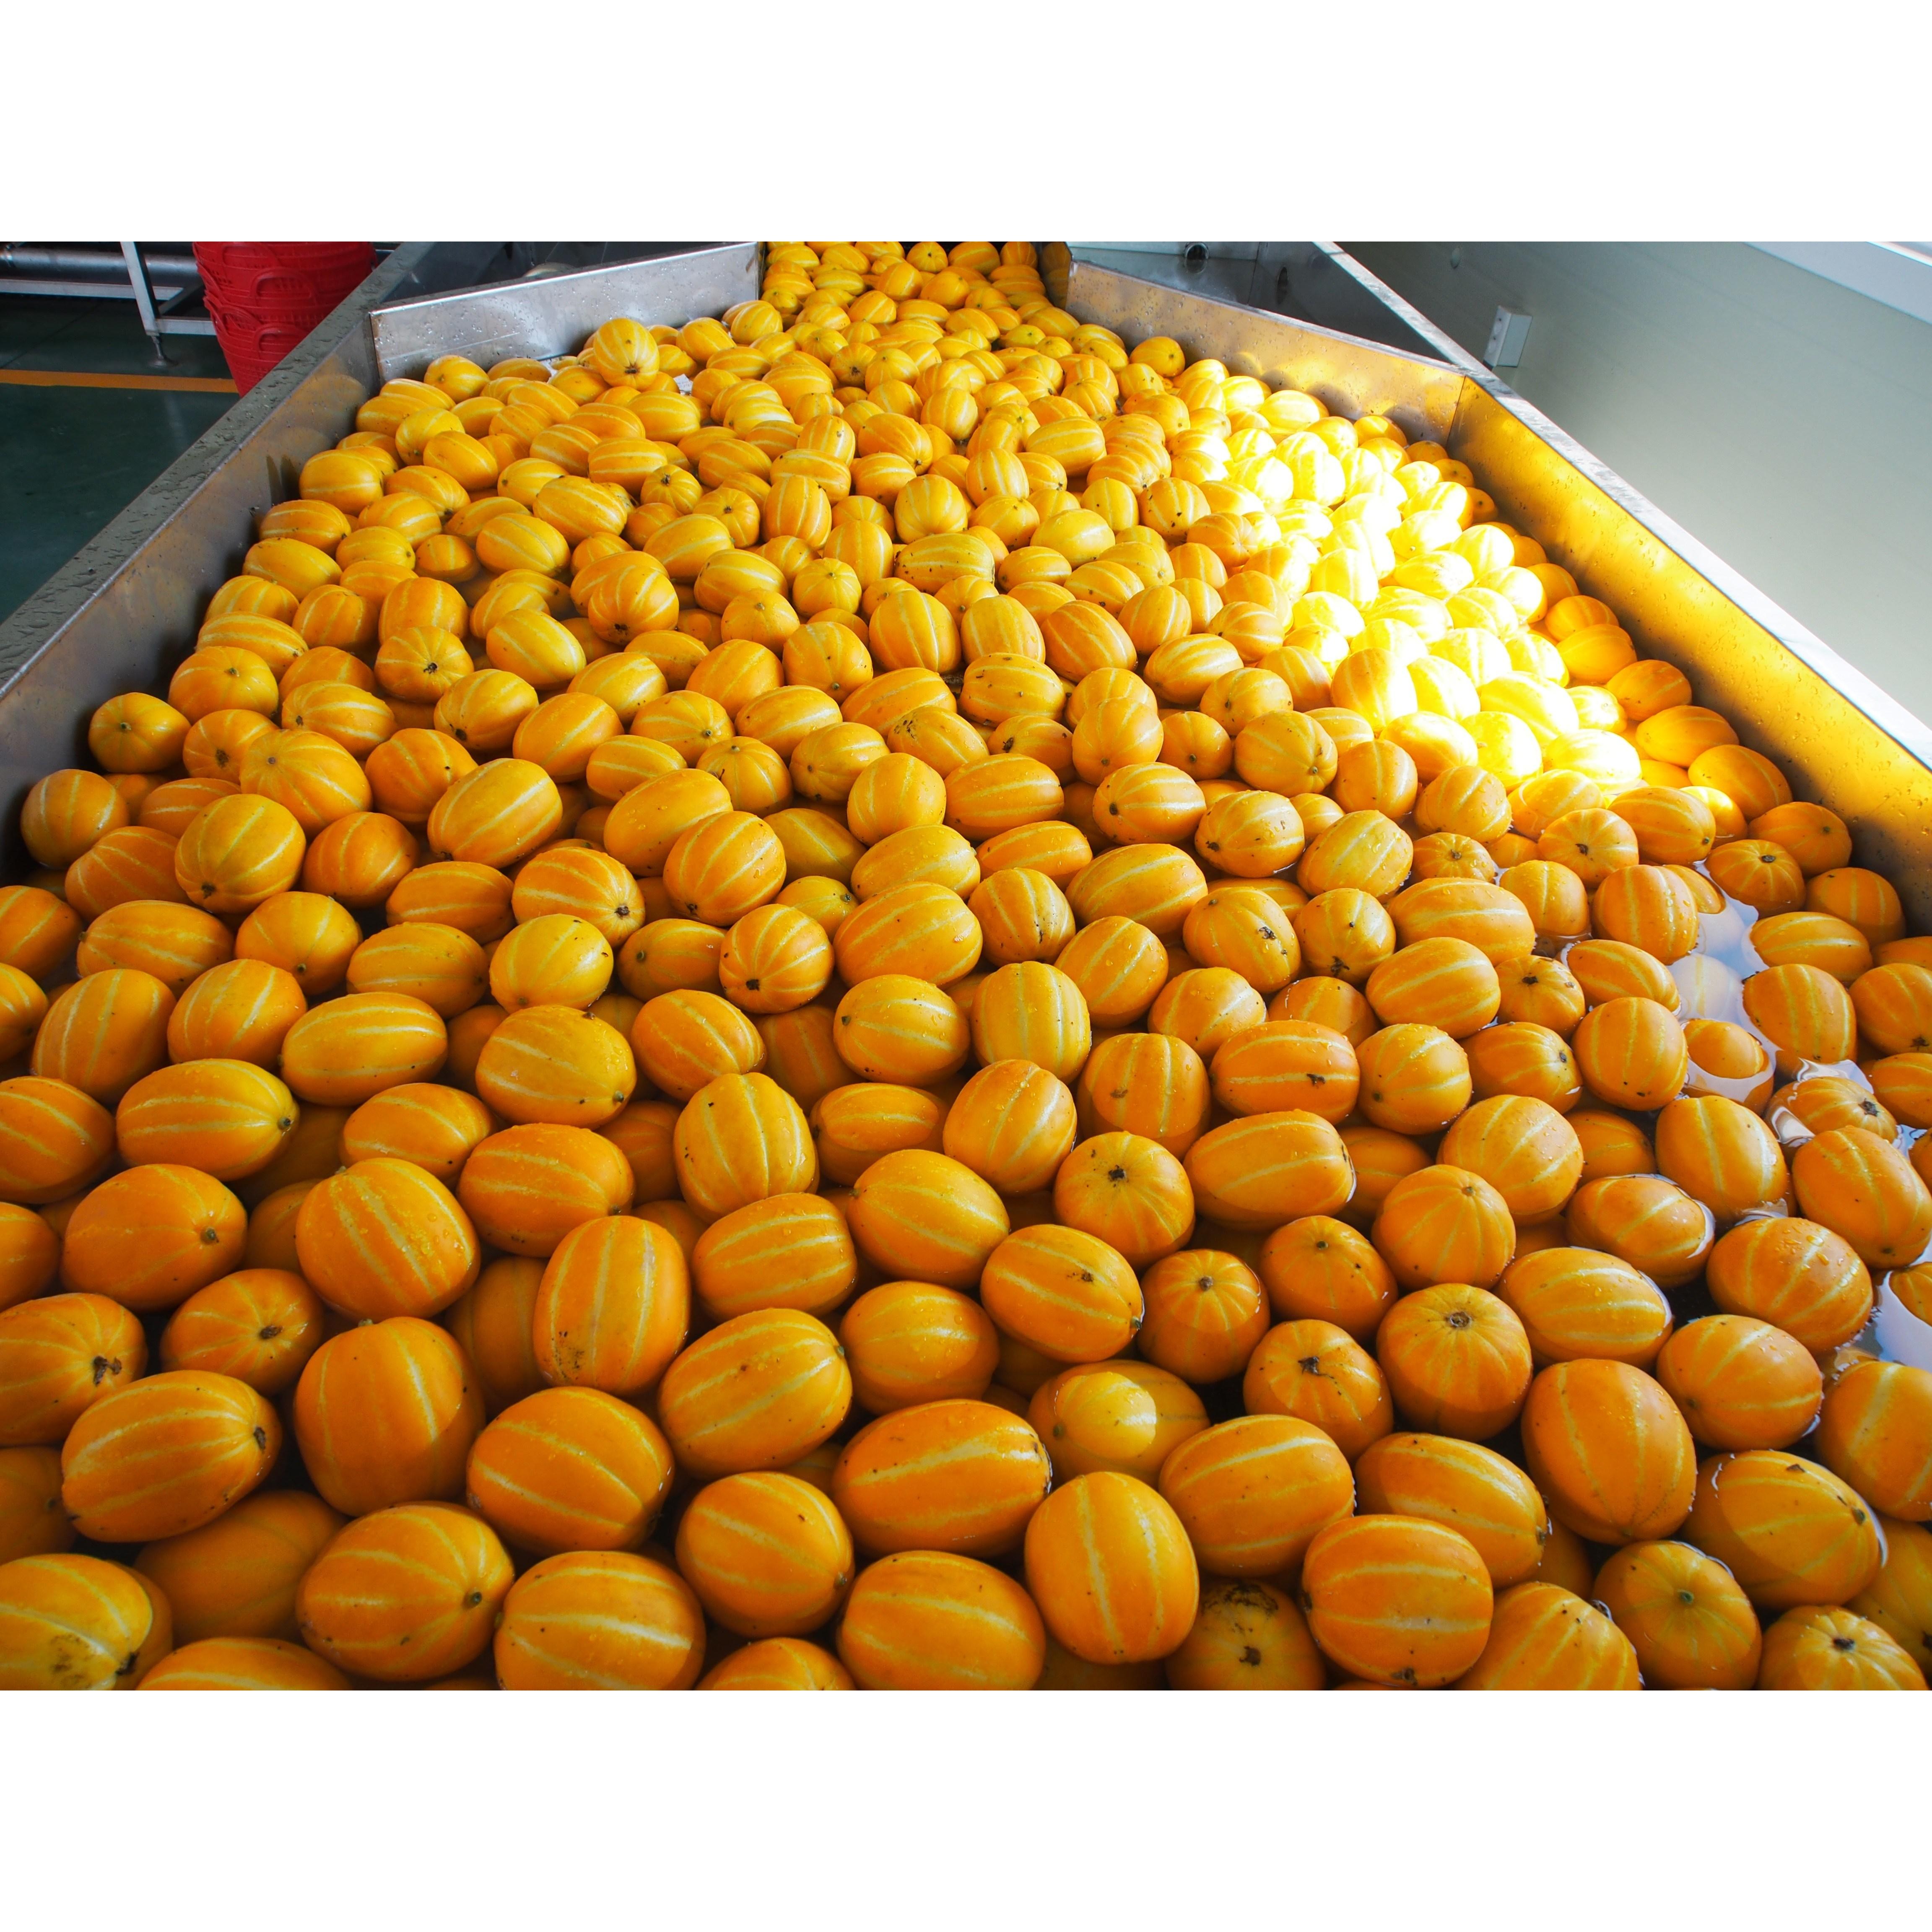 산지직송 꿀 성주 참외 달콤한 1kg 2kg 3kg 4kg 5kg 소과 중과 특과, 1. 참외 중과 3kg